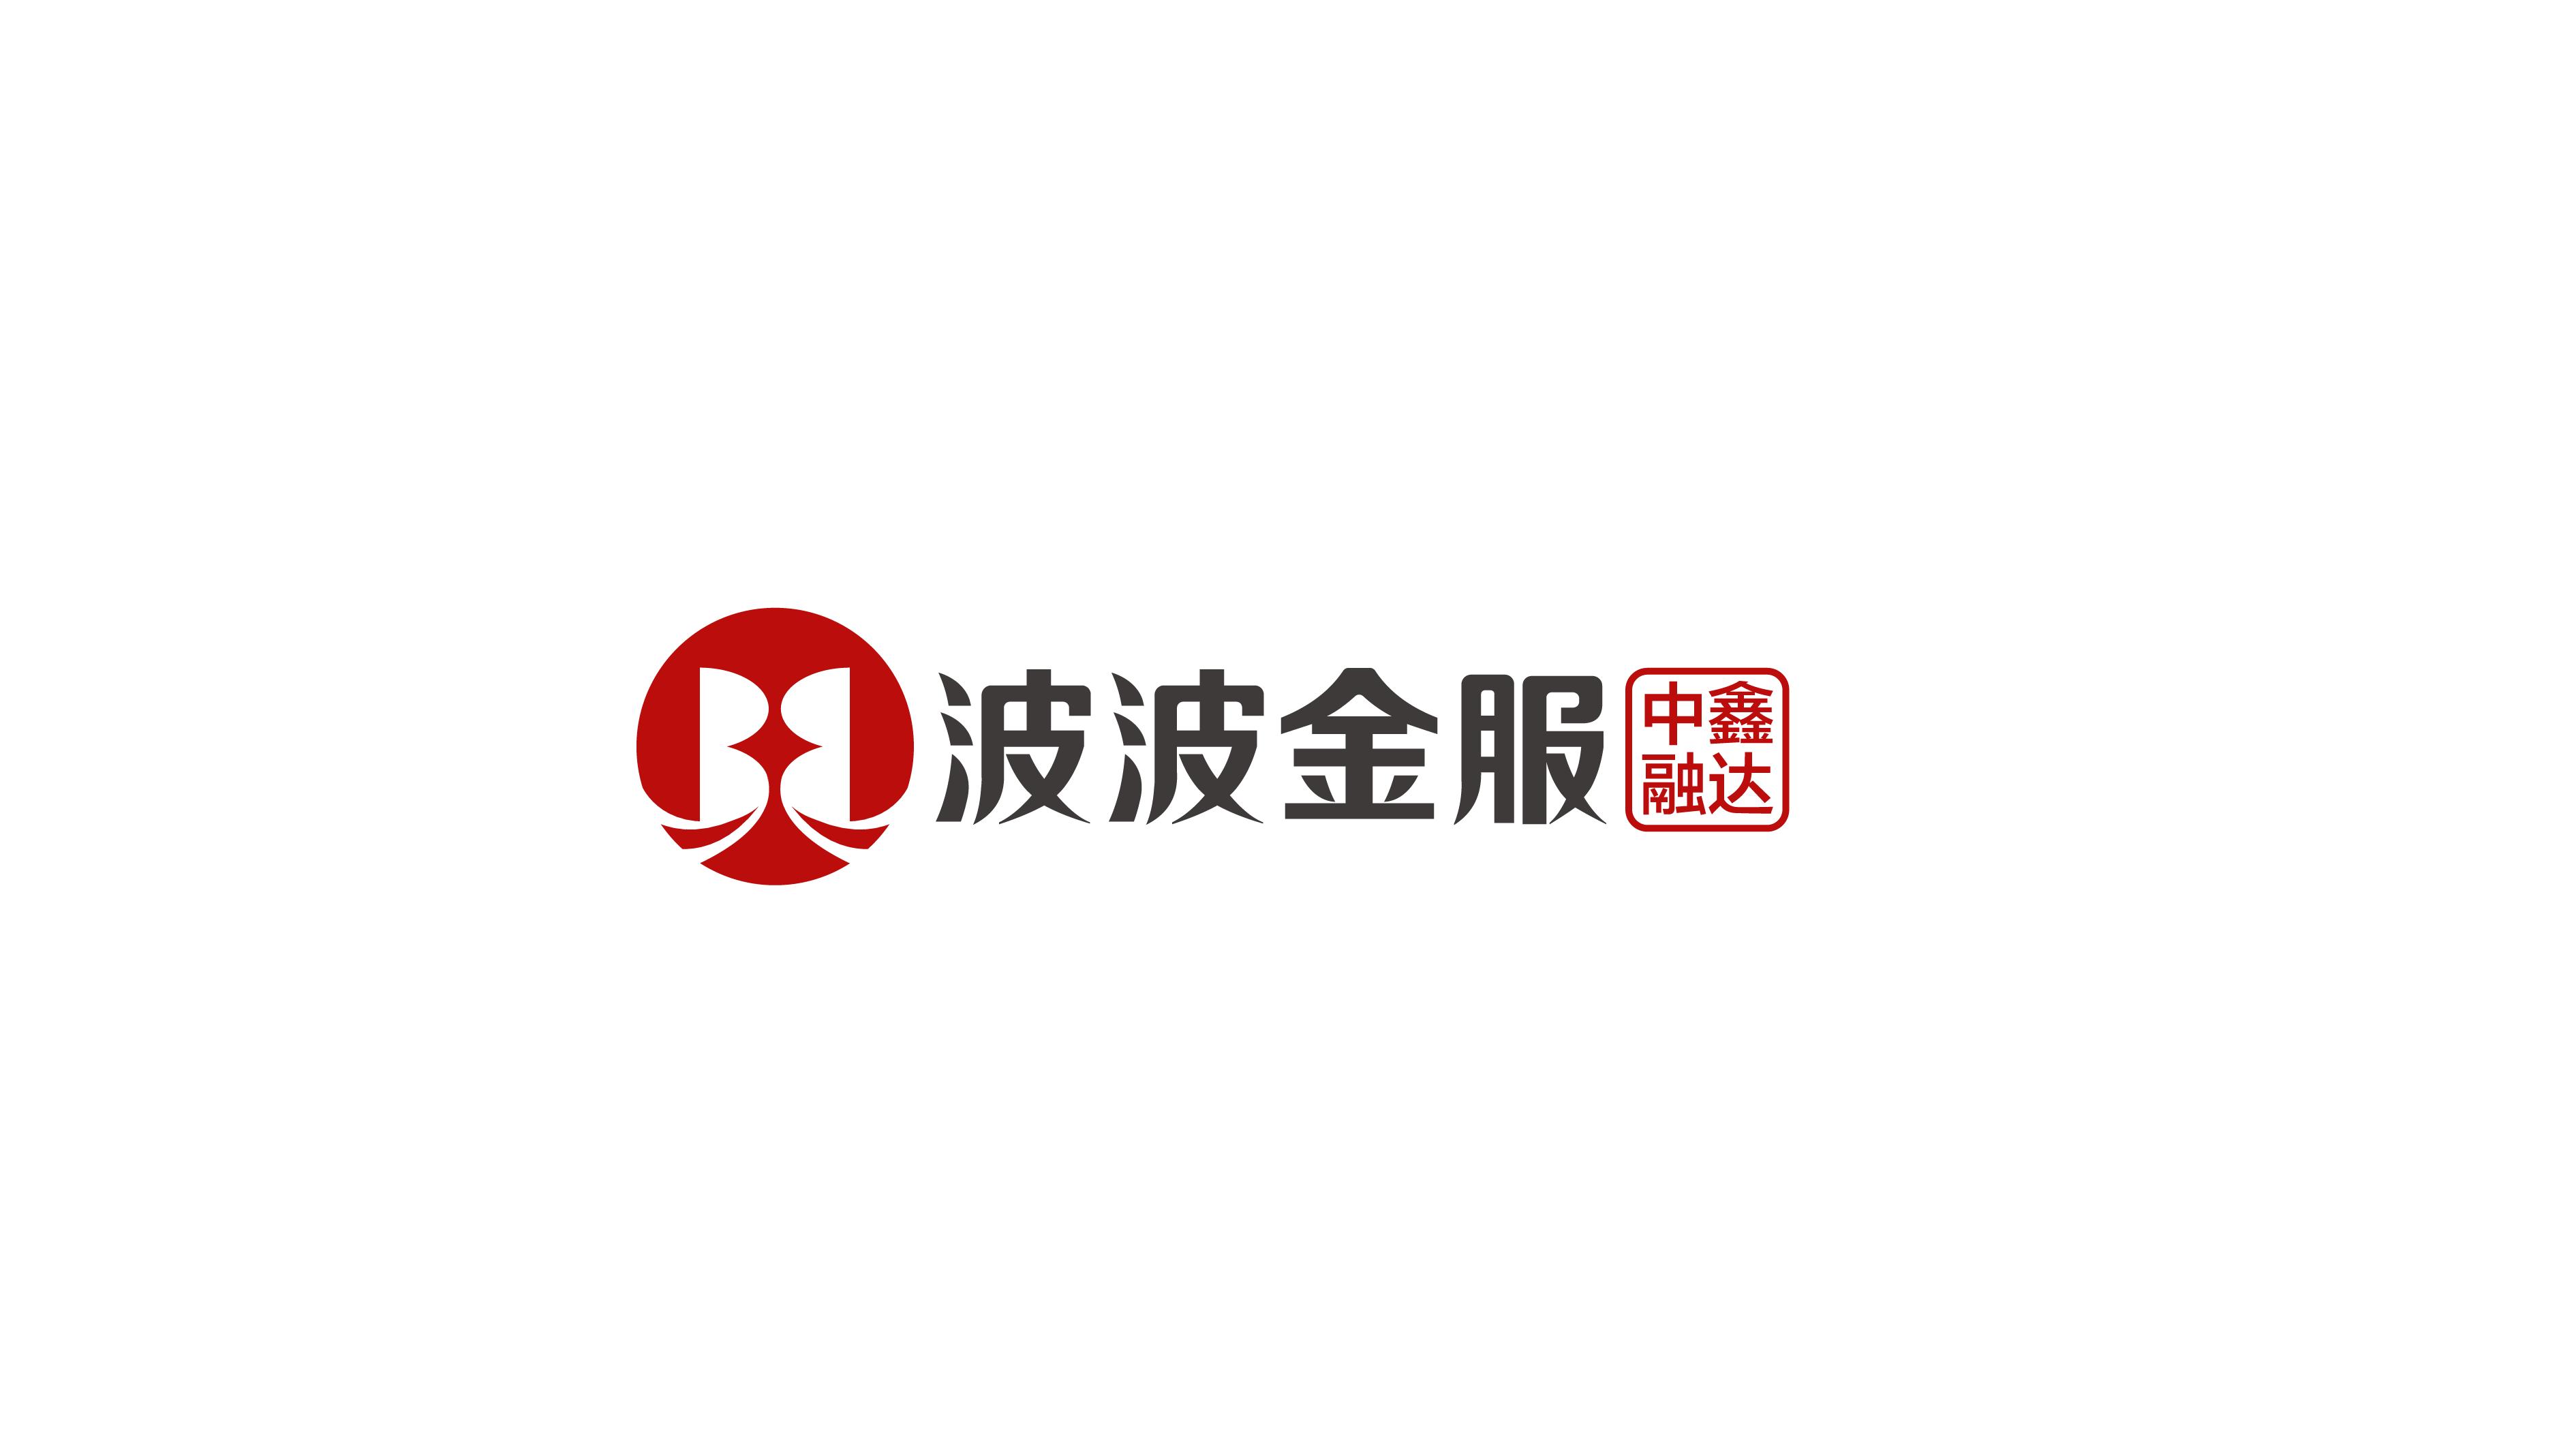 波波金服品牌LOGO万博手机官网